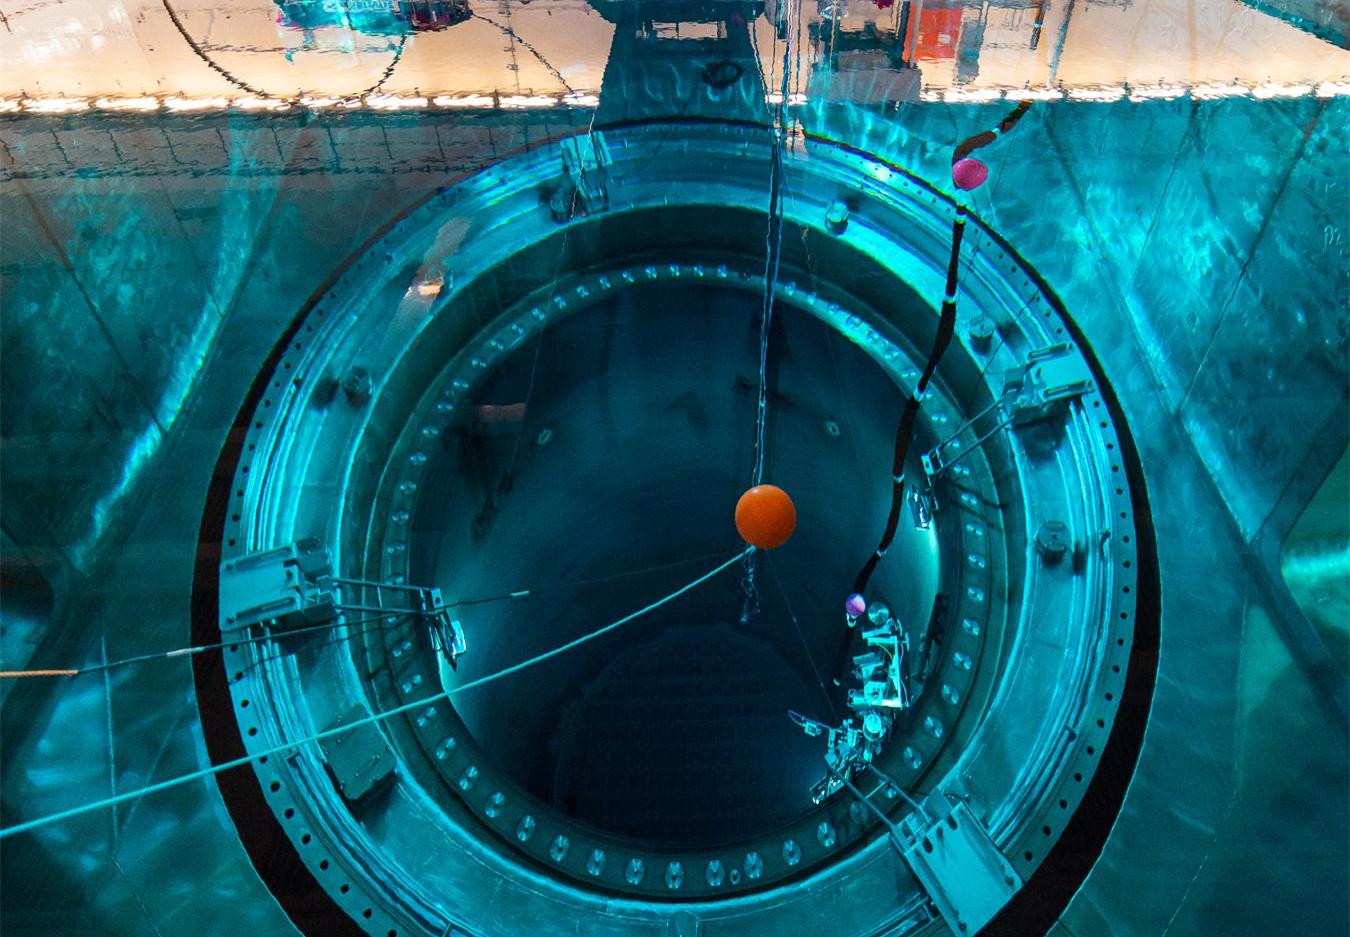 芬蘭奧爾基洛托(Olkiluoto)核電站1號機組燃料存在技術偏差